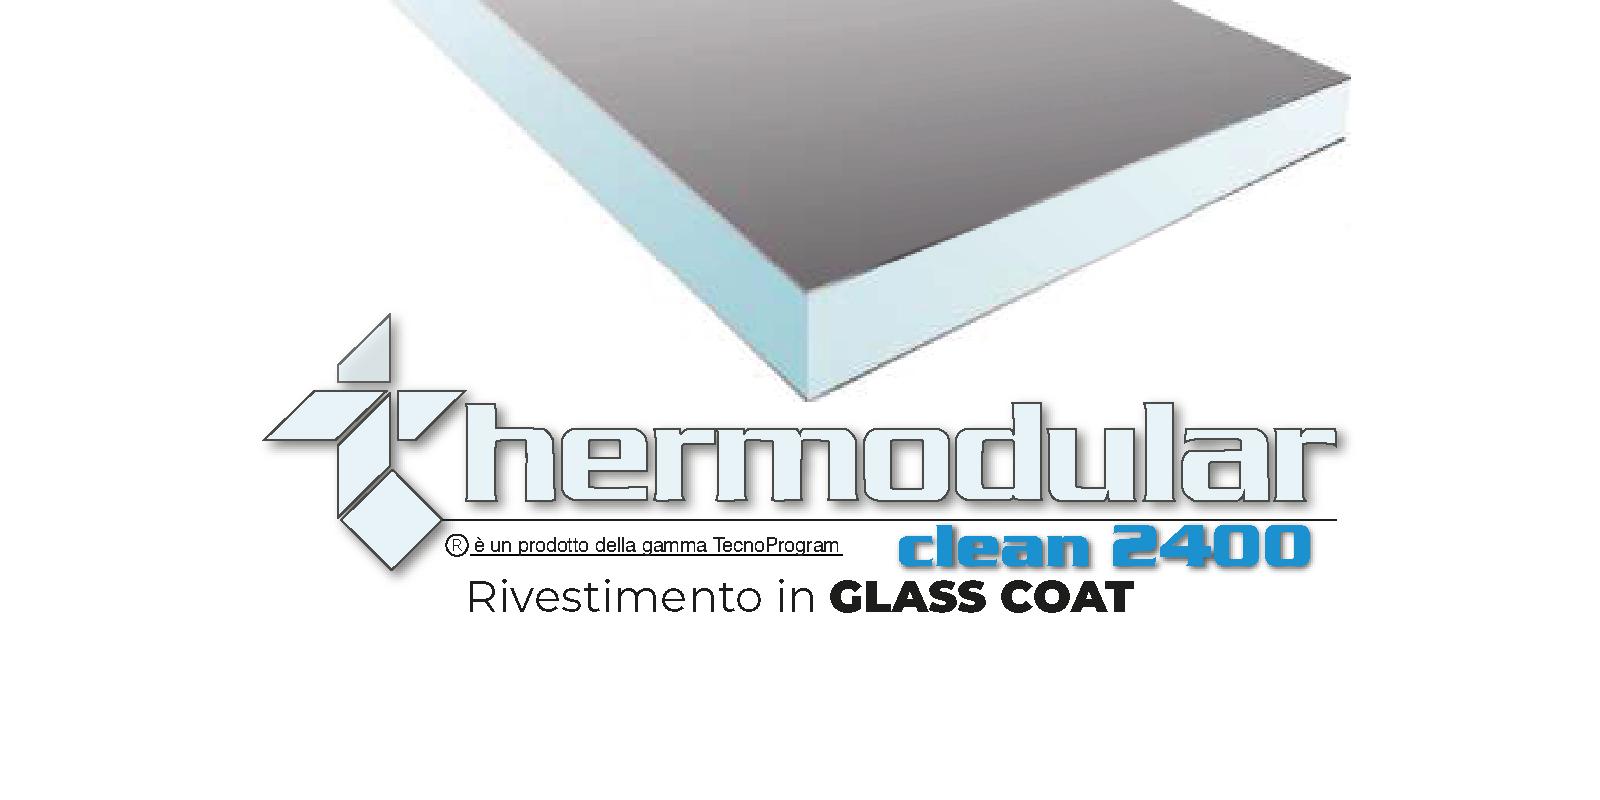 glass coat 2400 - prodotti - pannelli termici srl